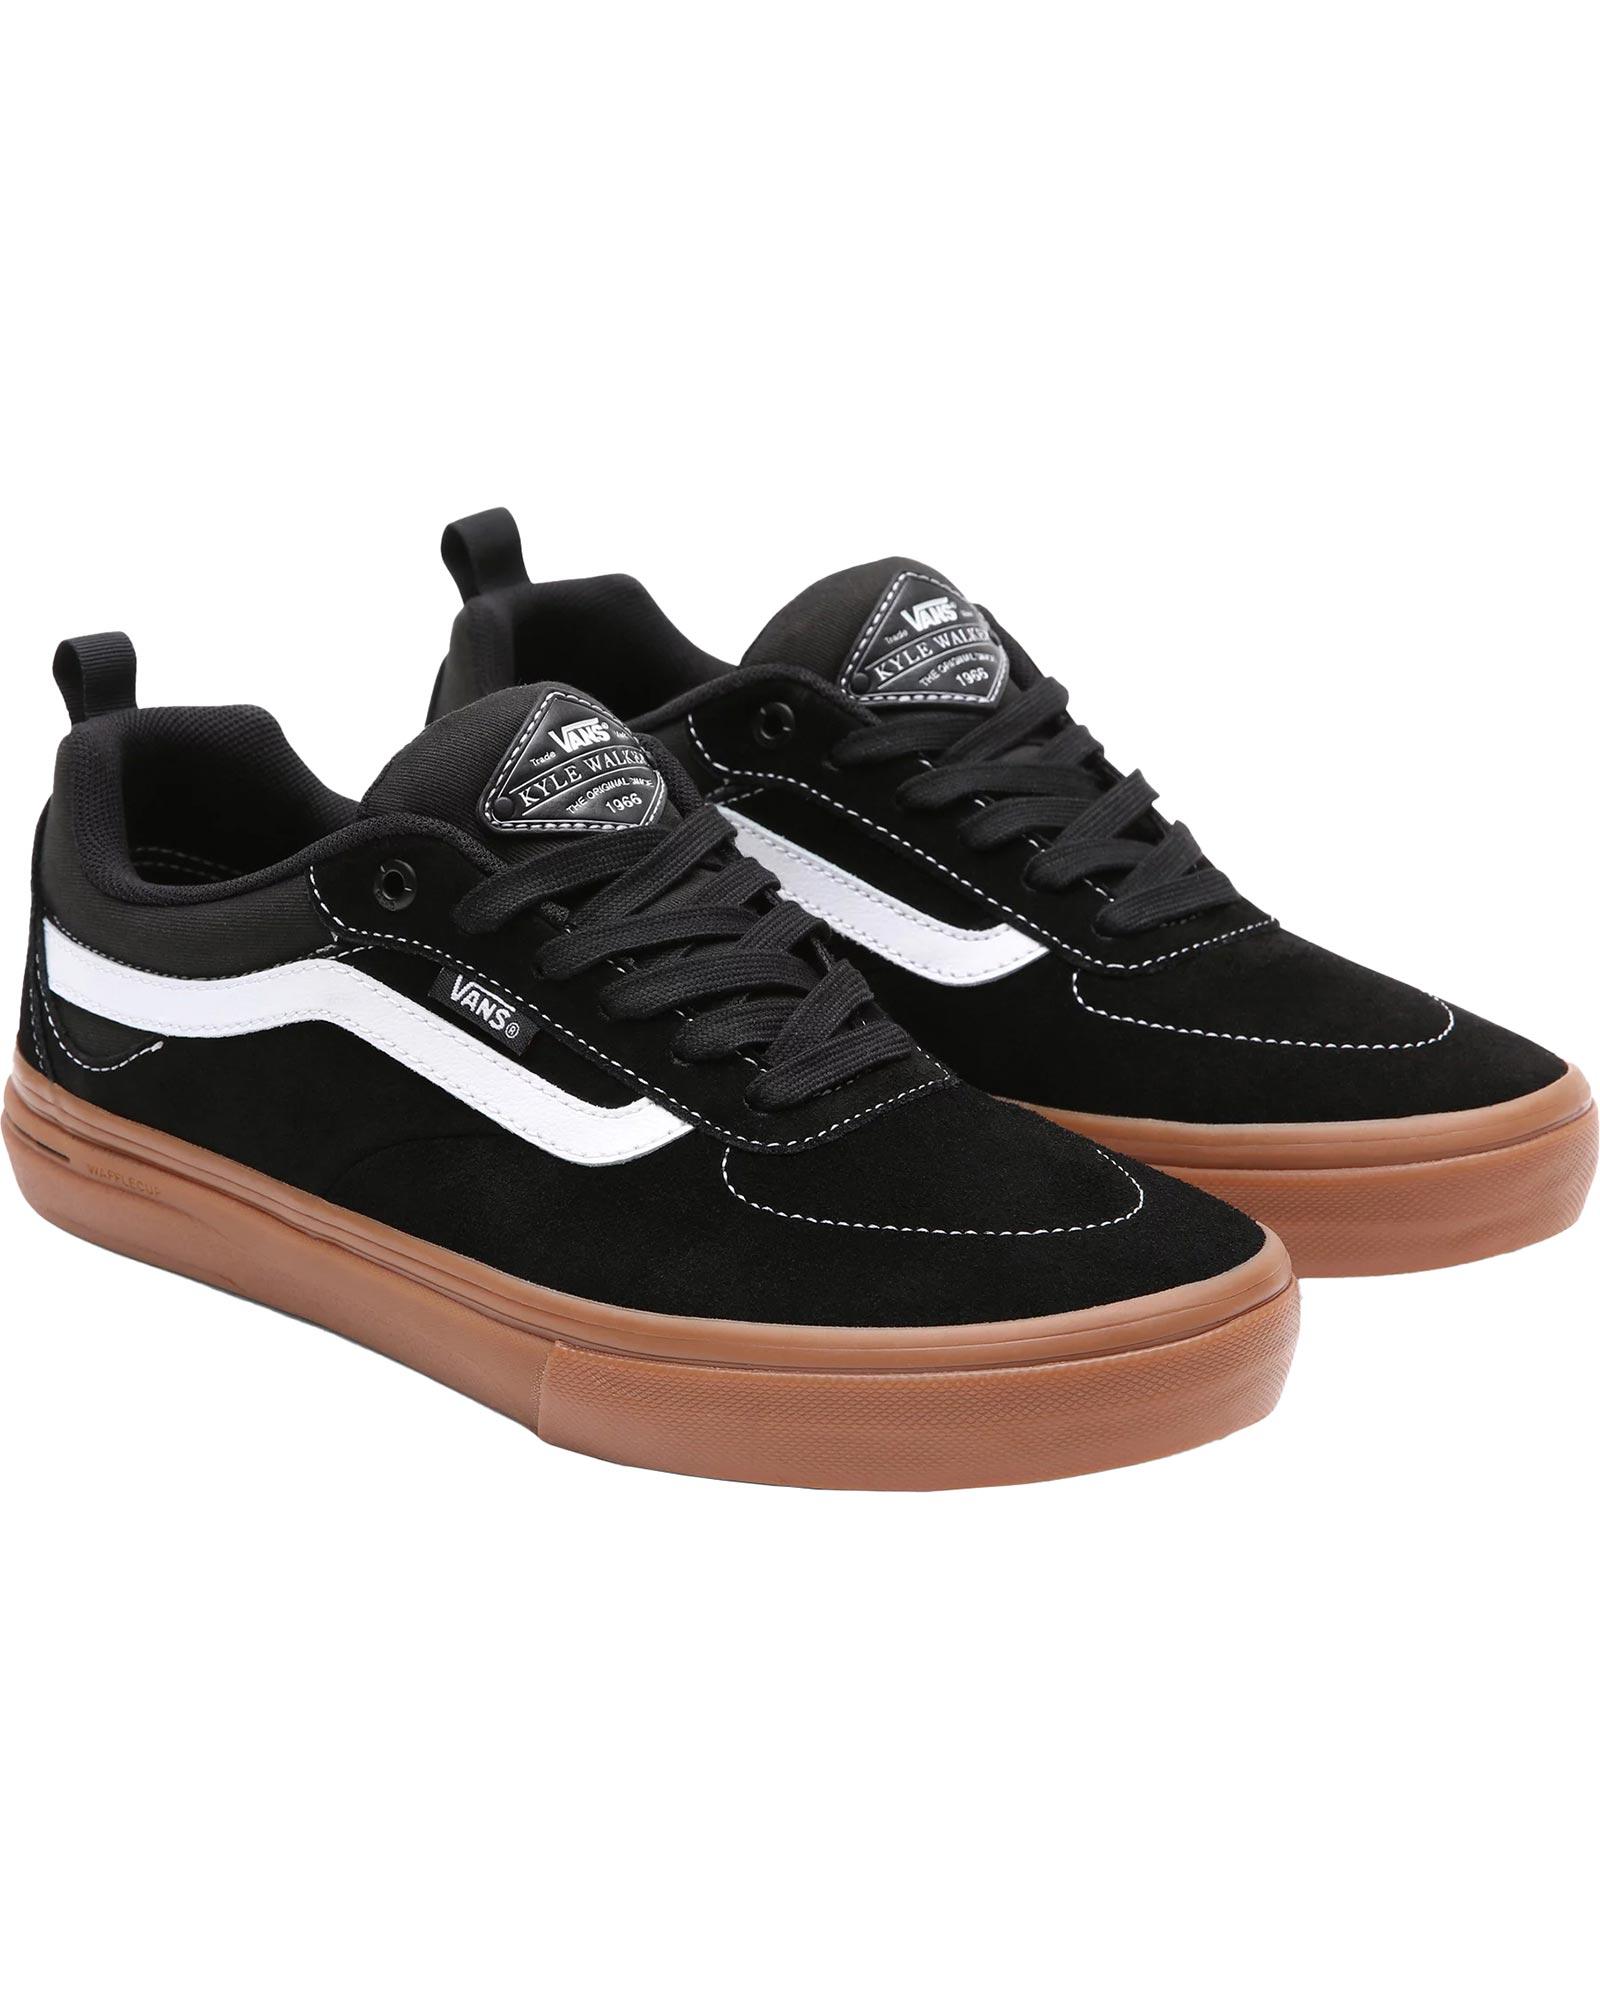 Vans Kyle Walker PRO Shoes 0